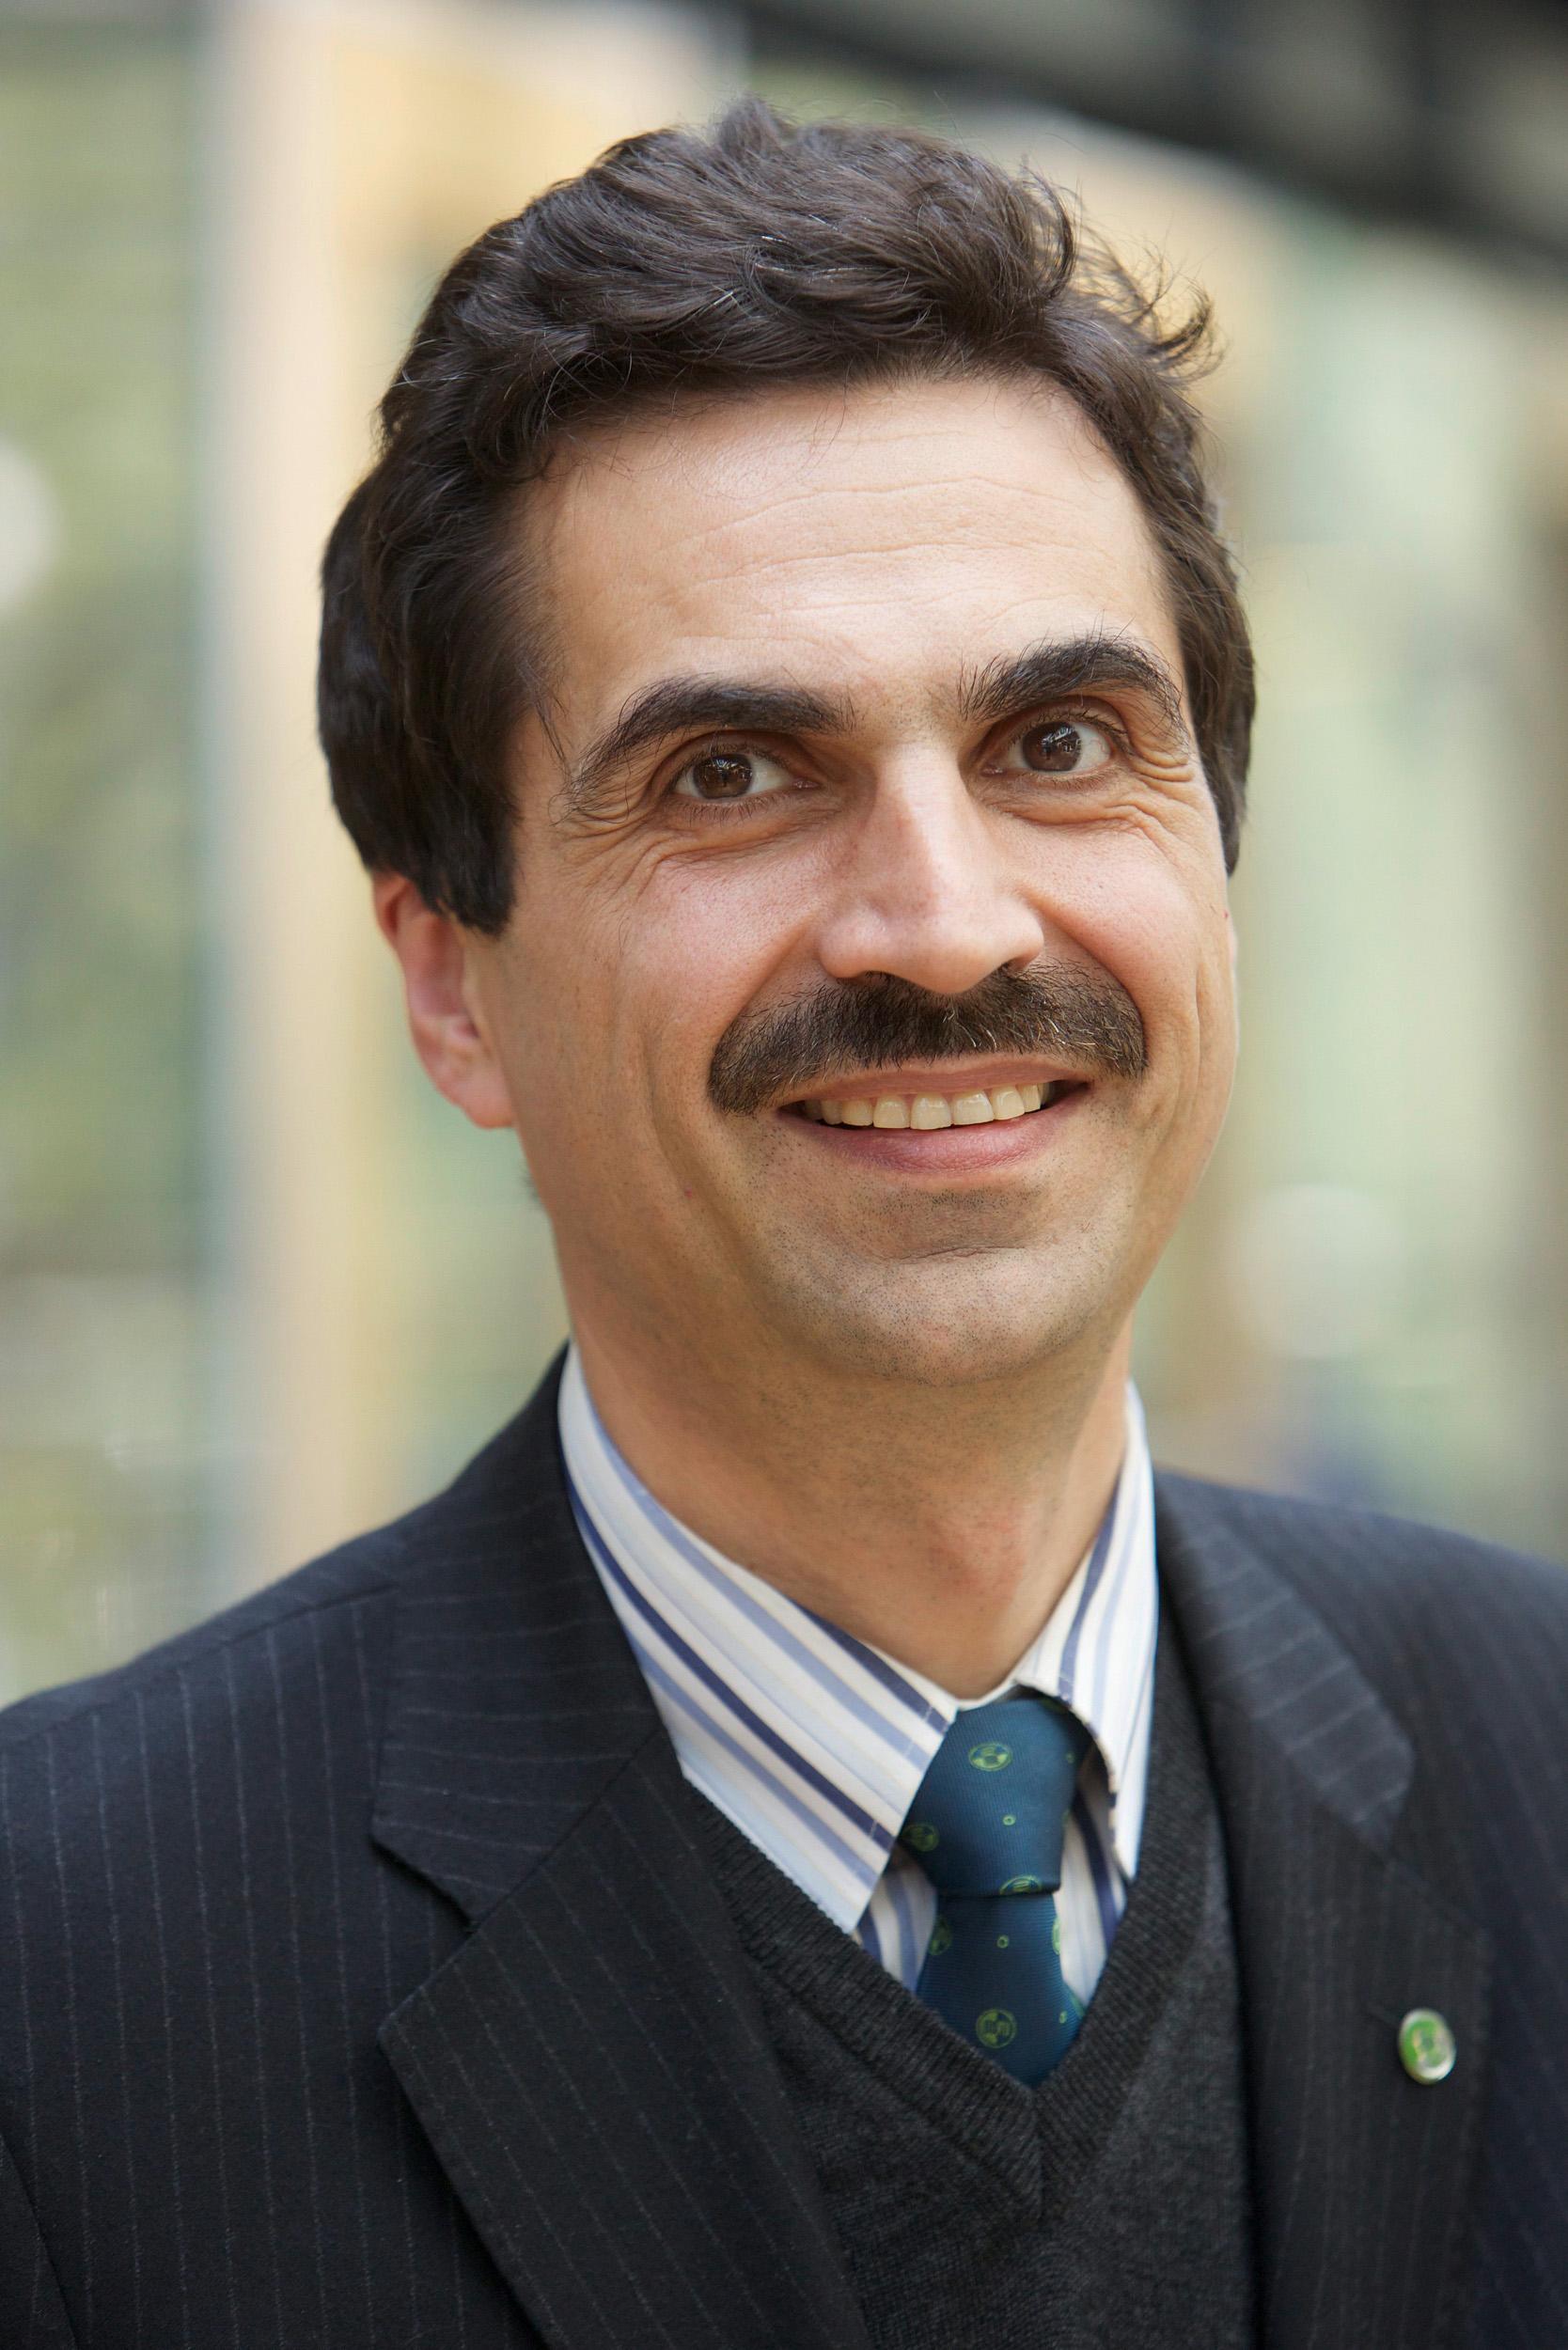 Univ.Prof. Dipl.-Ing. Dr. Dr.h.c.mult. Martin Gerzabek